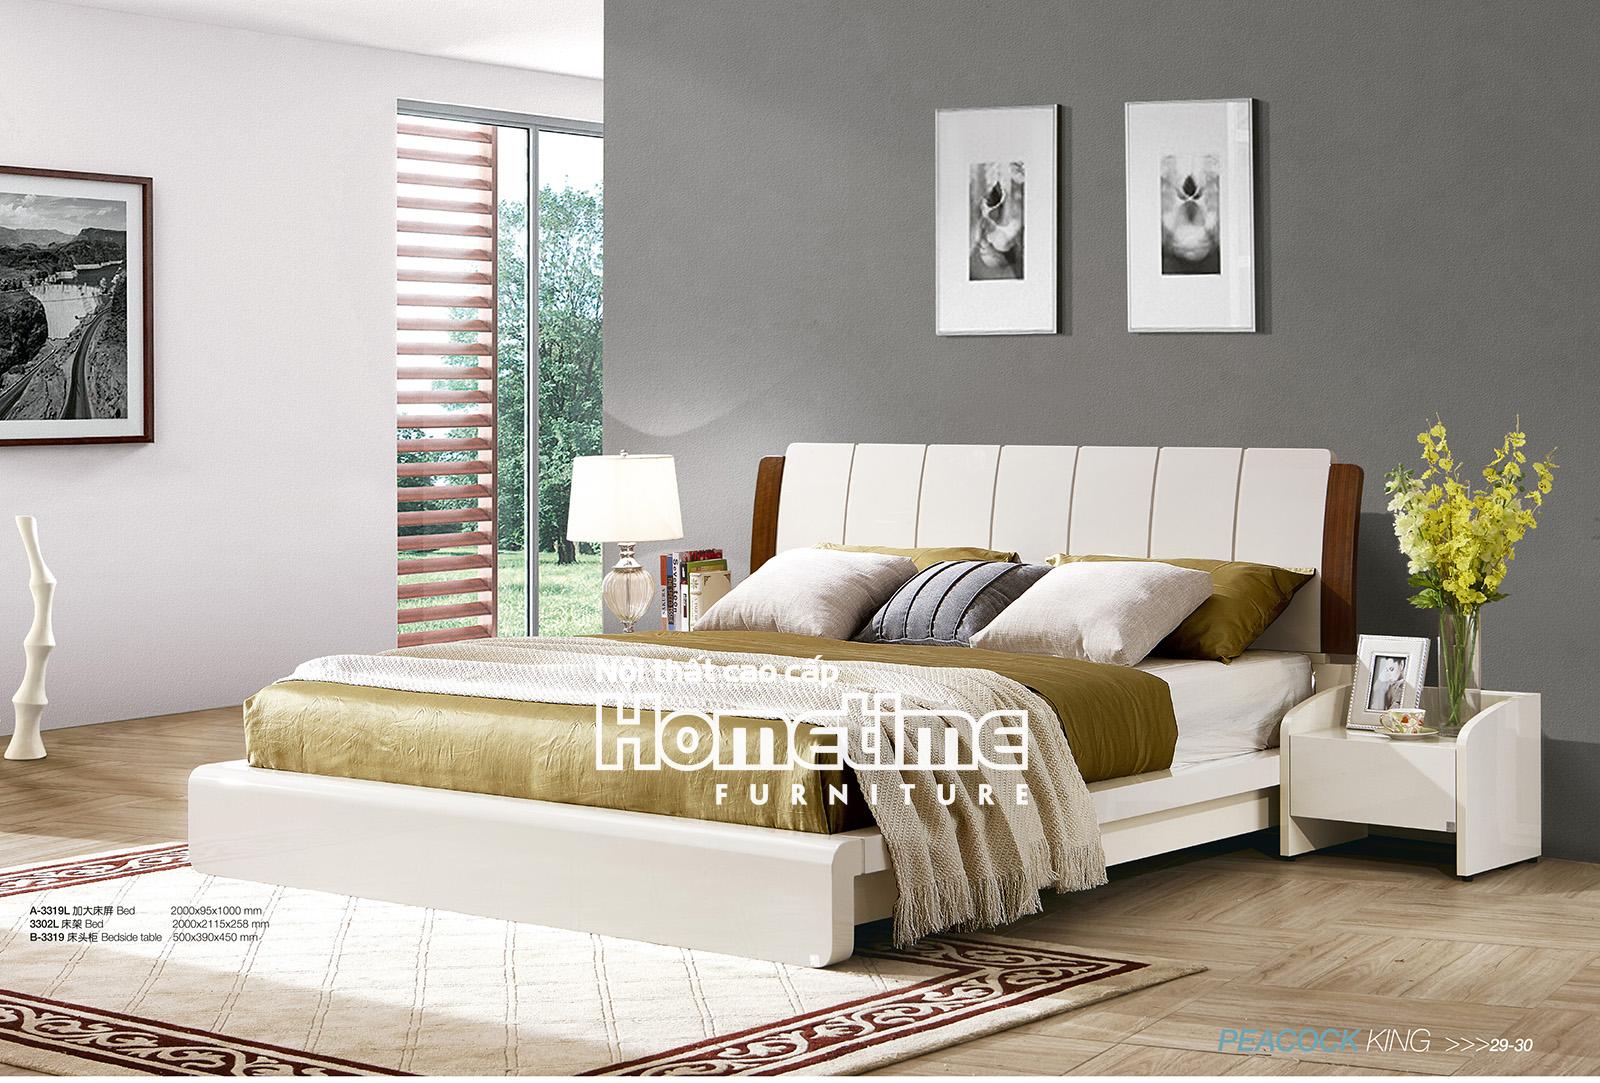 Giường ngủ nhập khẩu tại Hải Phòng - giường ngủ hiện đại GNK3319